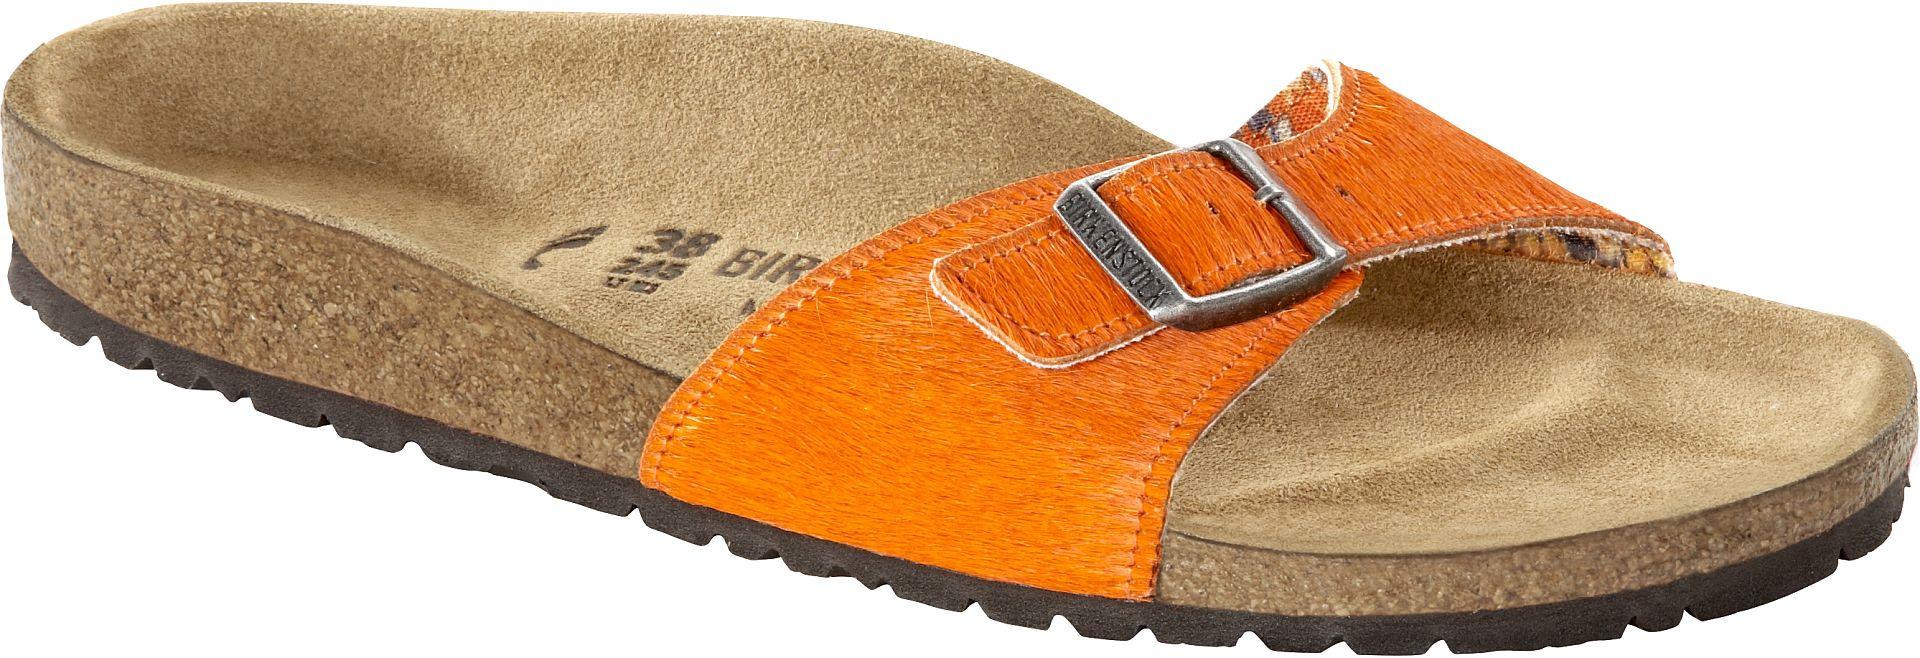 damen birkenstock einriemer sandalen online kaufen schuhshop24. Black Bedroom Furniture Sets. Home Design Ideas